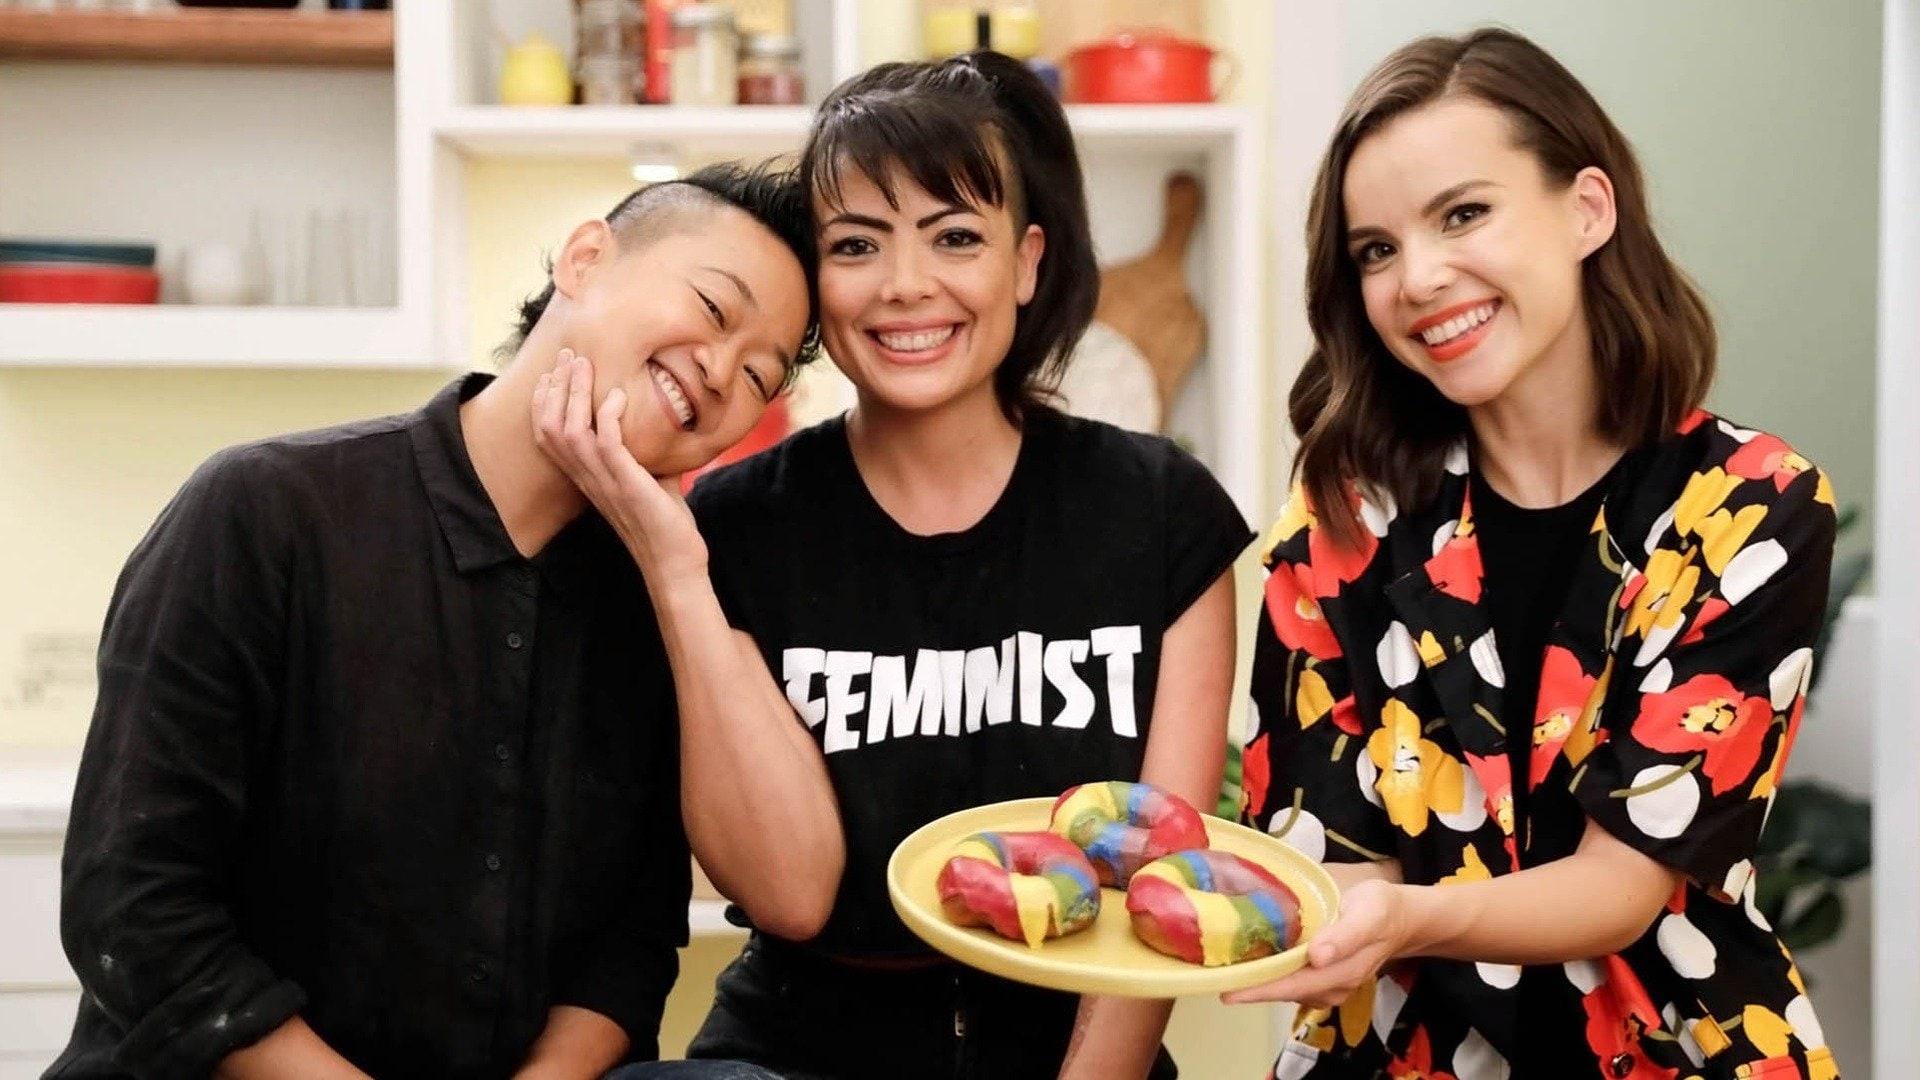 Jasmine and Sharky's Rainbow Donuts